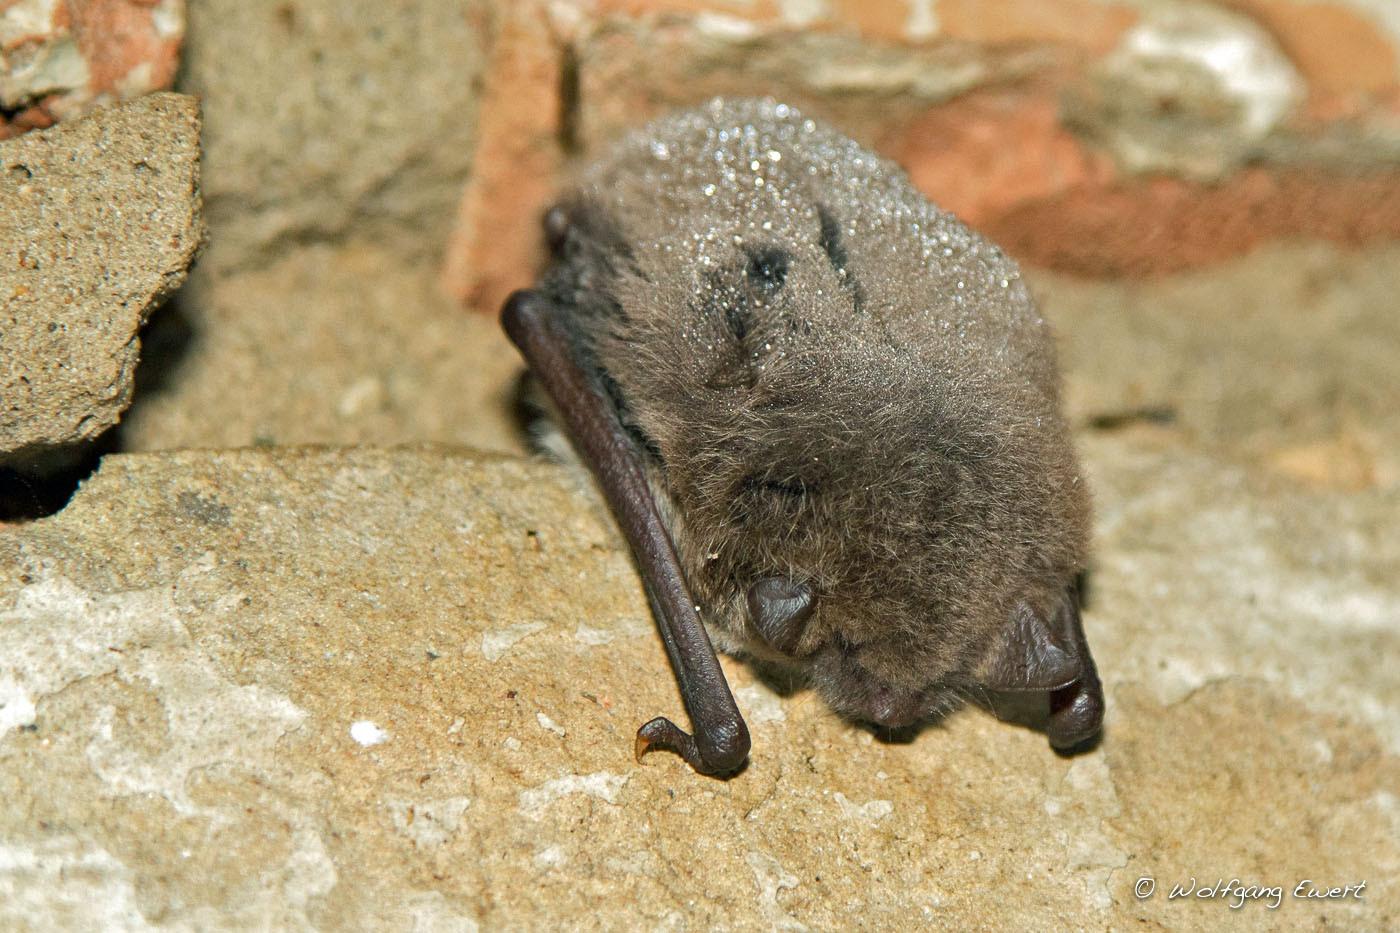 Parkoper - Die Maus mit Perlen im Haar - Wasserfledermaus  - Foto: Wolfgang Ewert